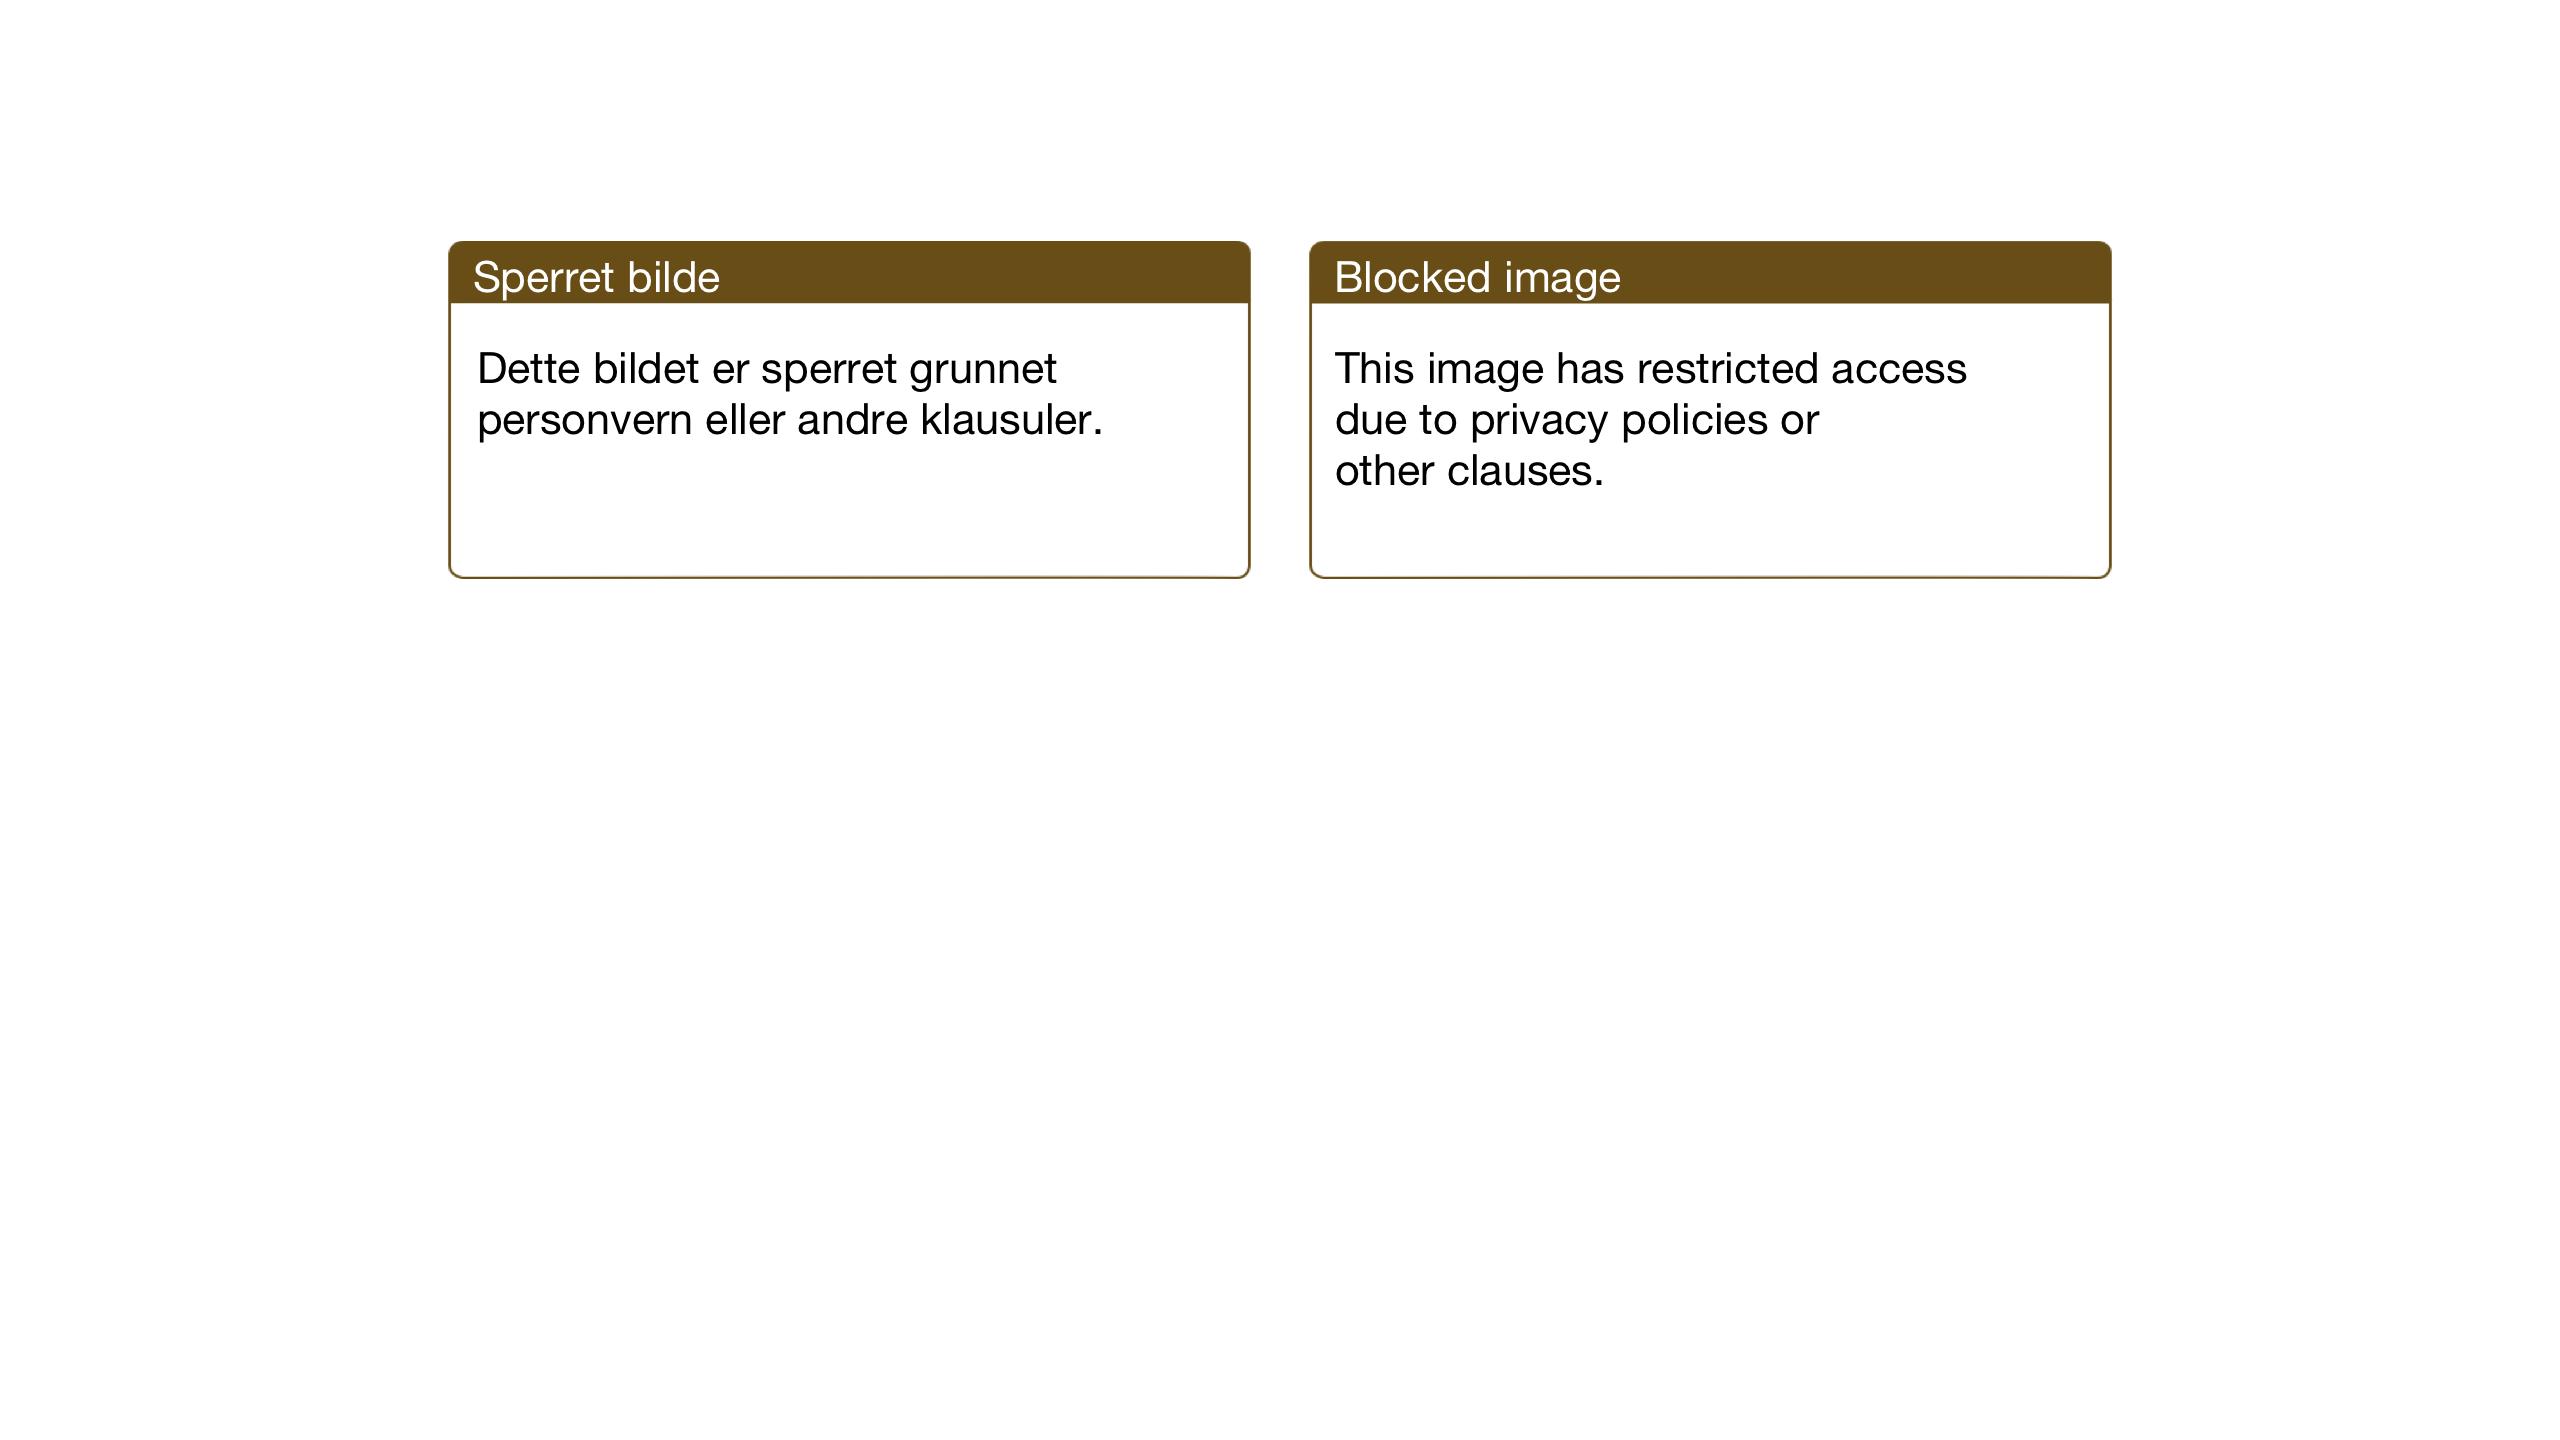 SAT, Ministerialprotokoller, klokkerbøker og fødselsregistre - Nord-Trøndelag, 755/L0500: Klokkerbok nr. 755C01, 1920-1962, s. 33